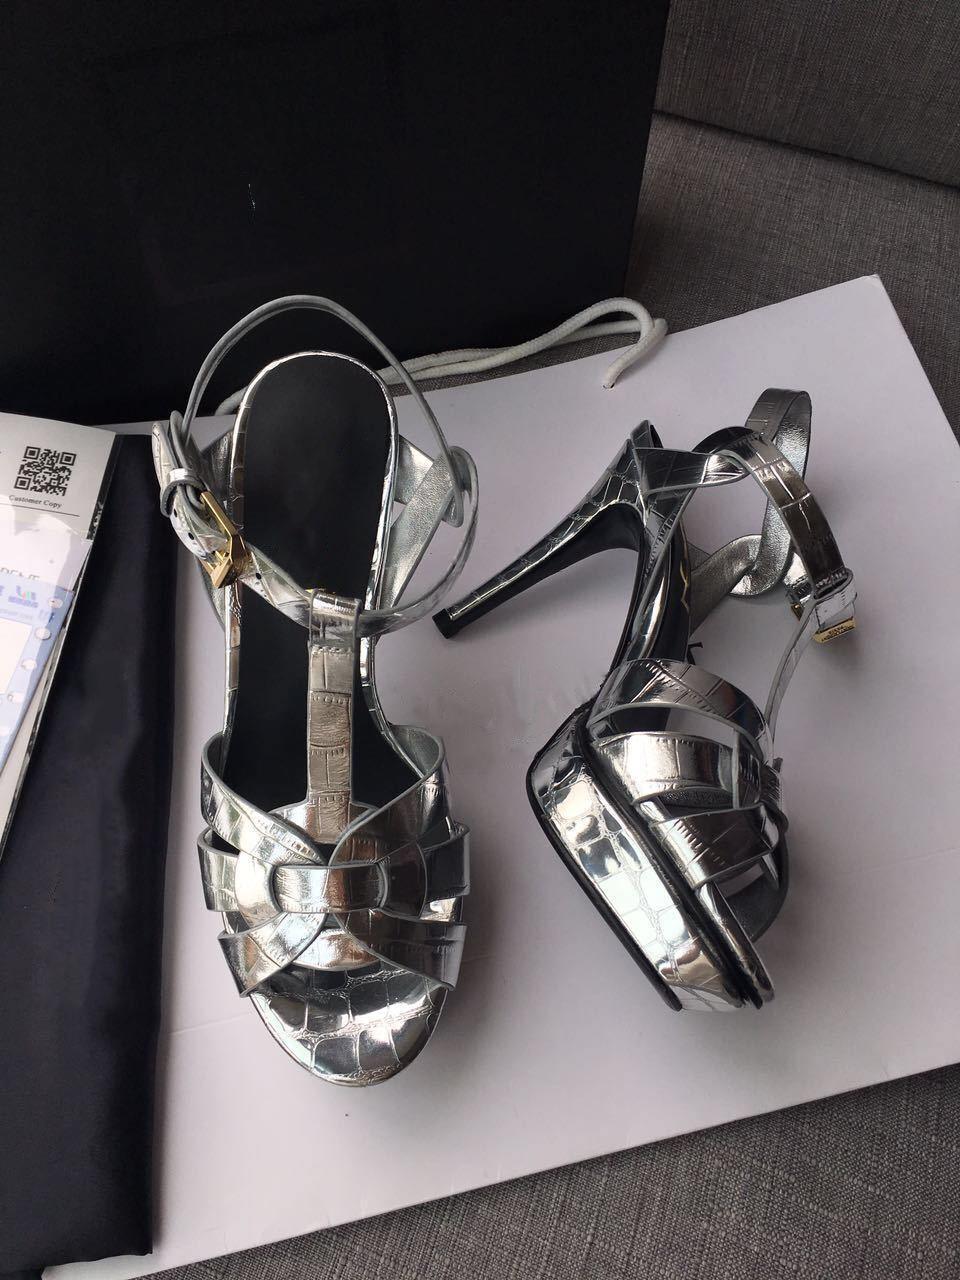 2020 انن أسود براءة اختراع جلد رمادي كعب أزياء الزفاف أحذية زفاف متواضع عدن عالية الكعب نساء الحزب مساء أحذية